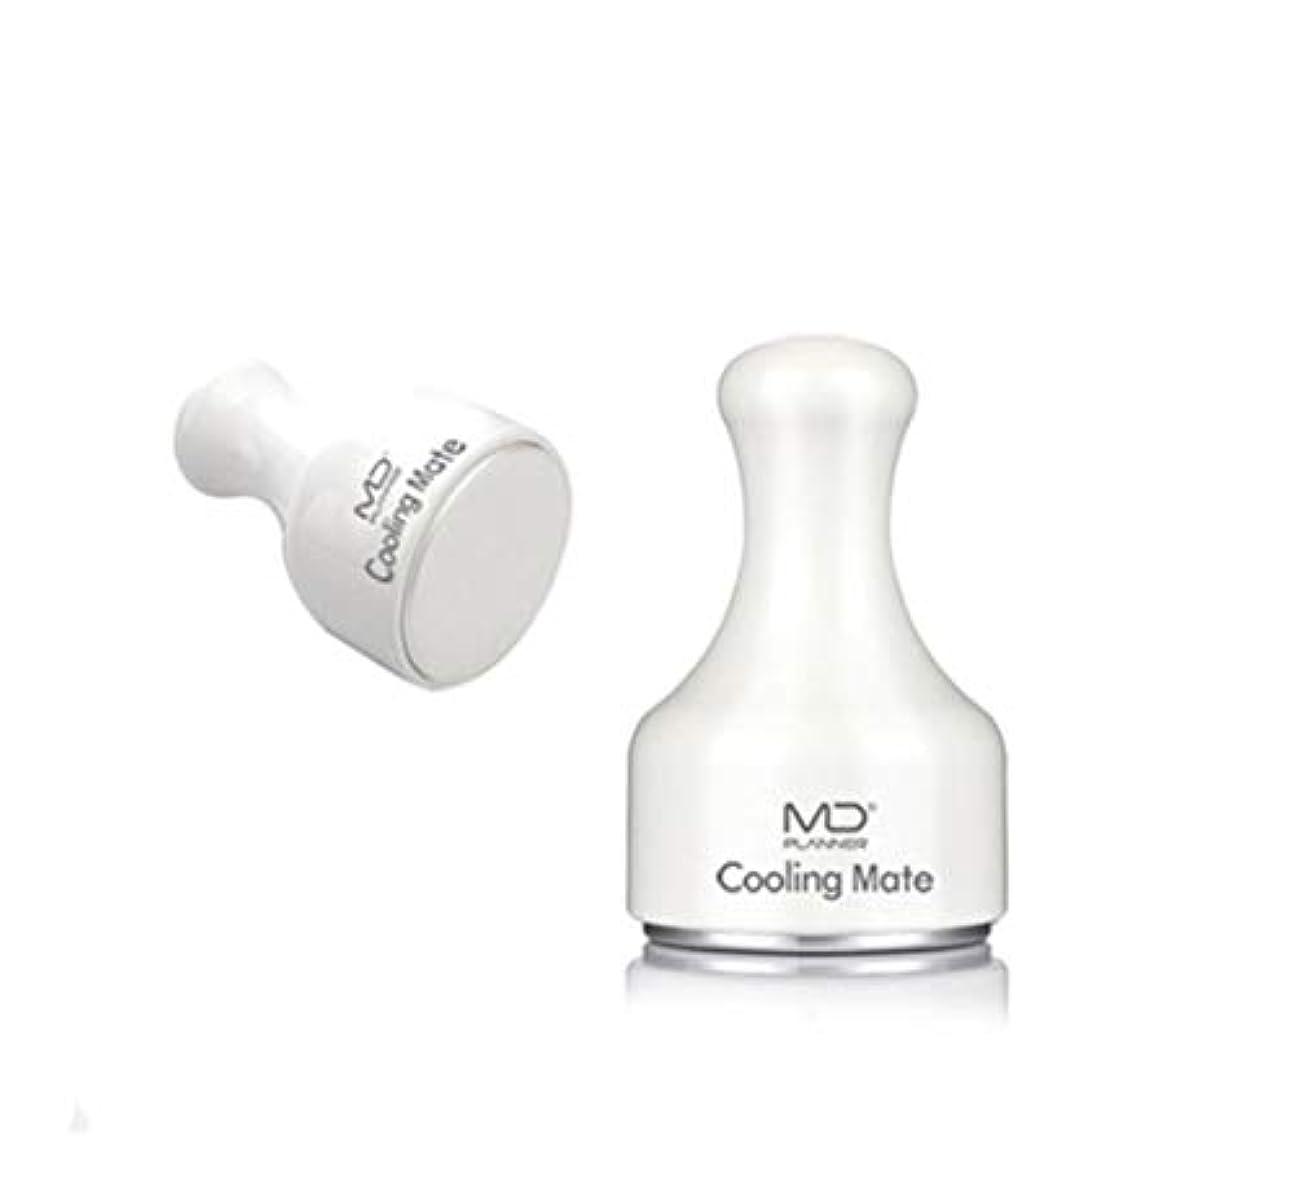 フラフープ漏斗人形MD Planner Cooling Mate フェイスクーラーアイスローラーフェイスローラー顔マッサージ機構の腫れ抜き方法毛穴縮小(海外直送品)